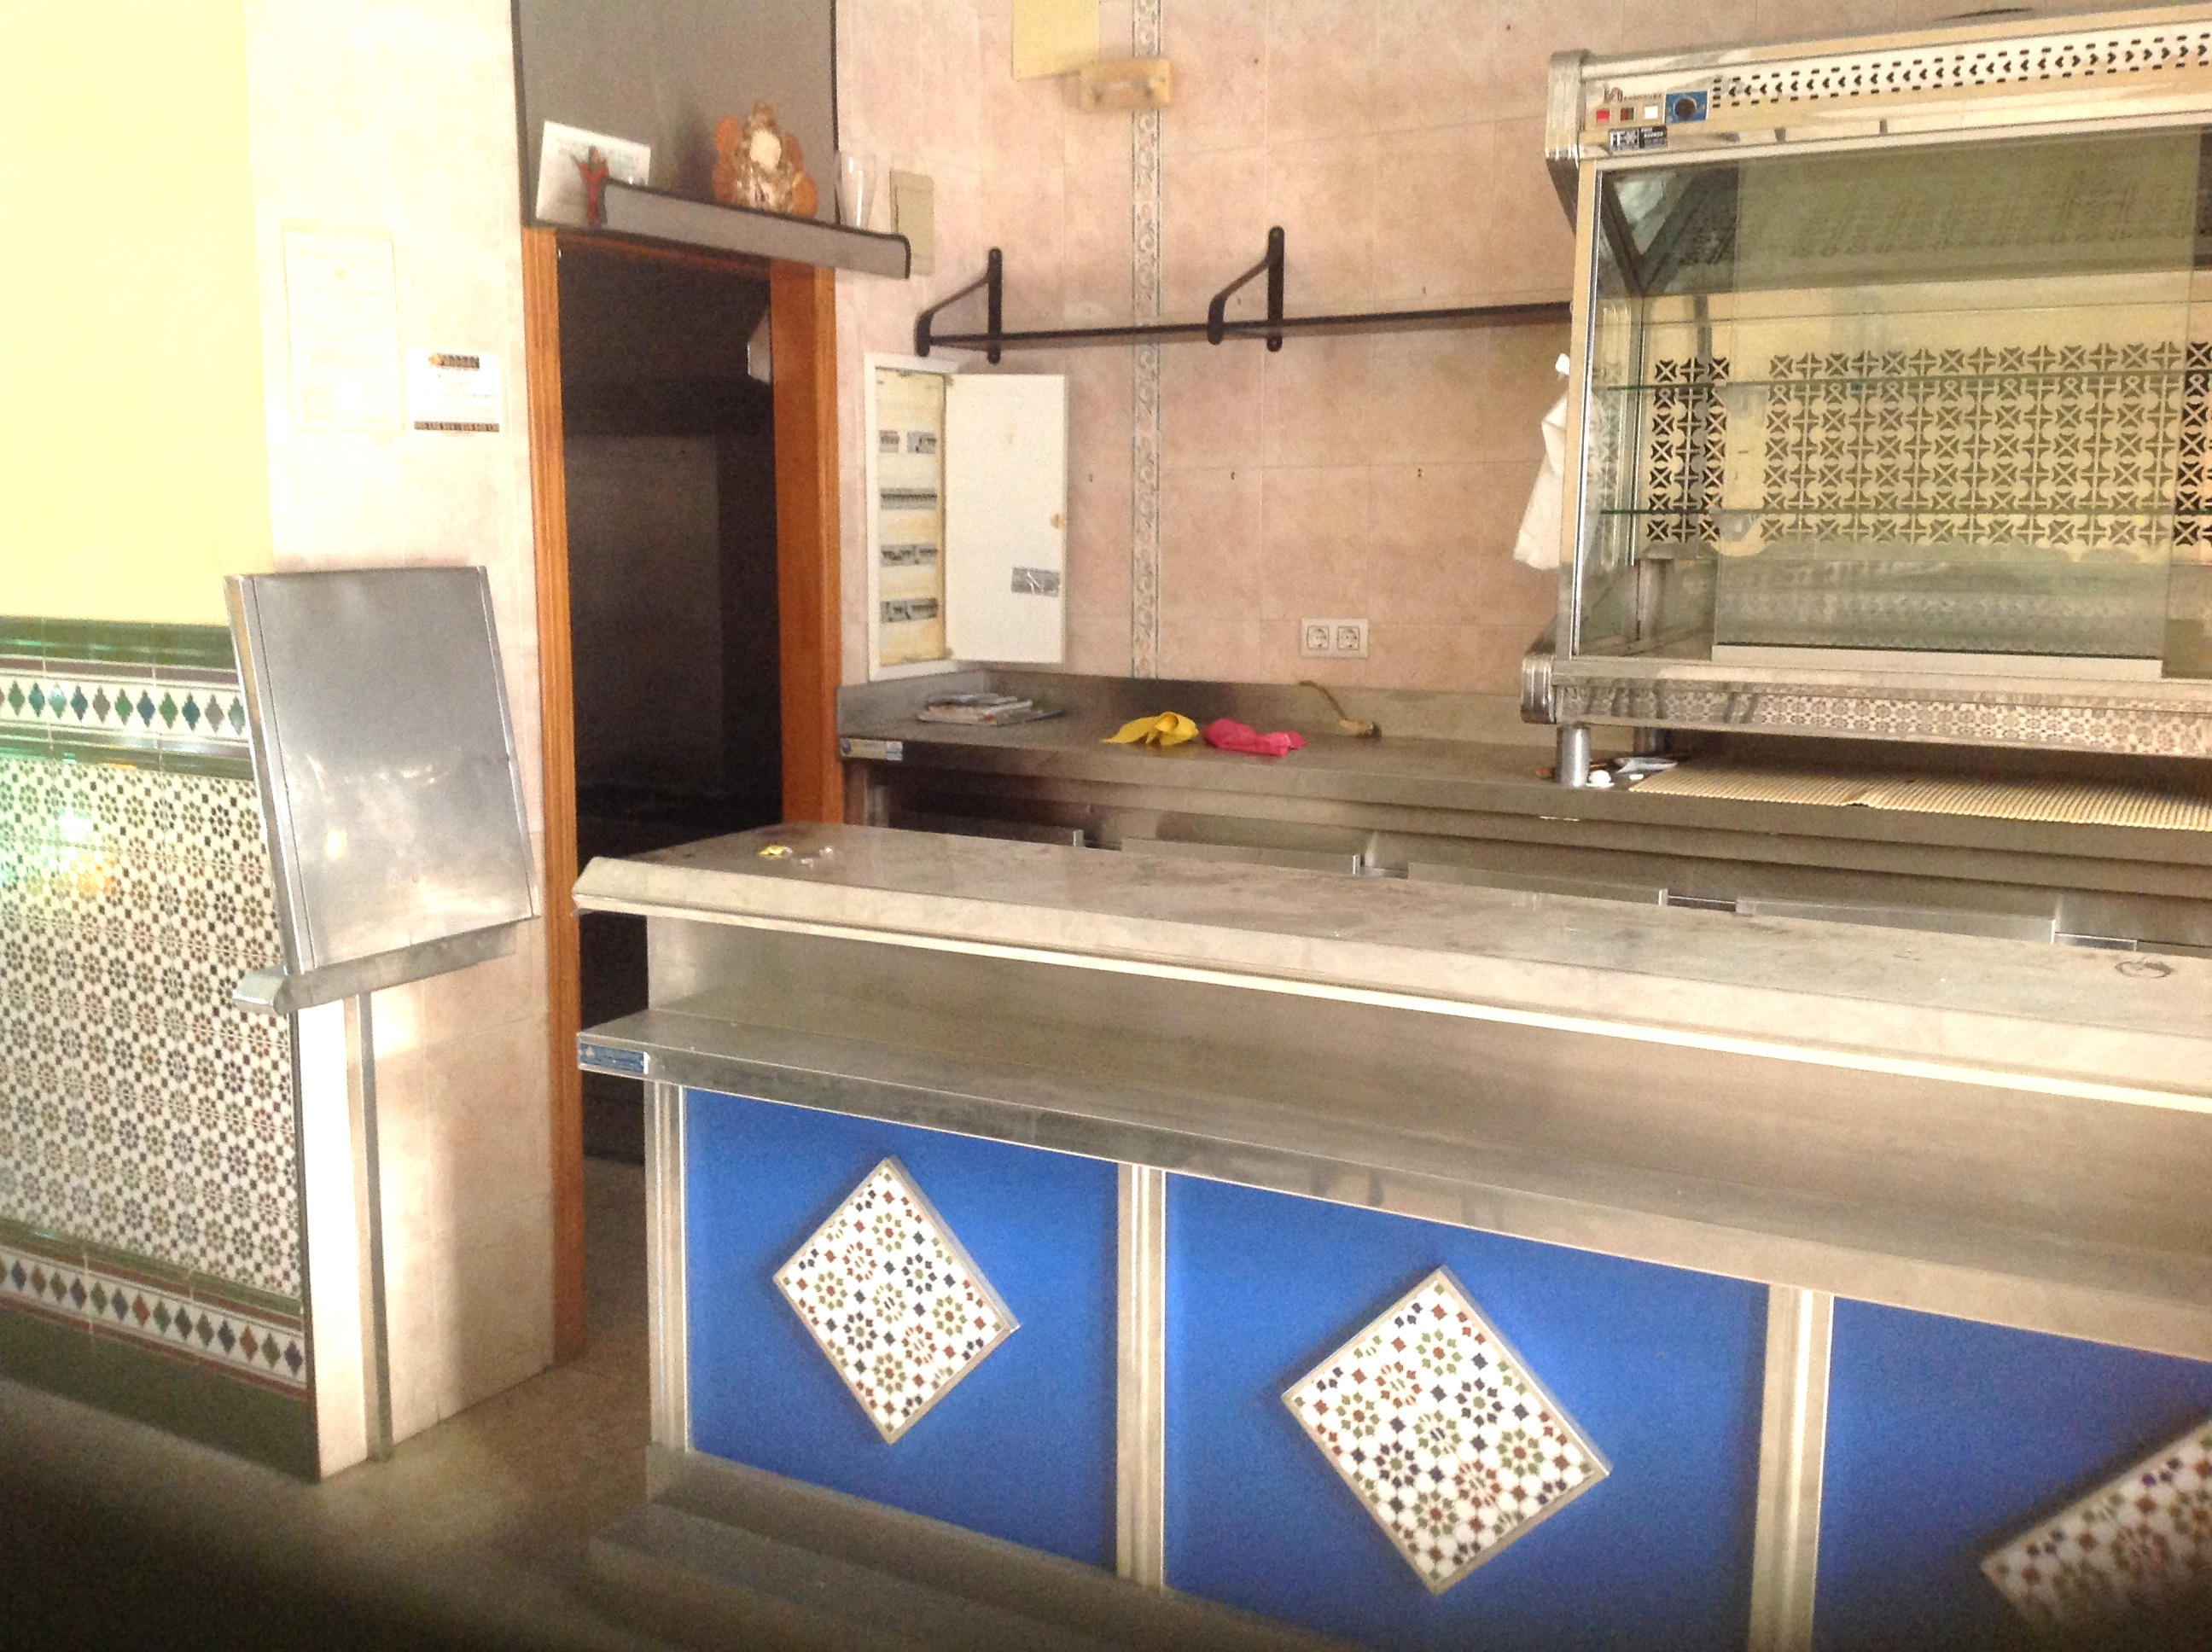 bar-en-alquiler-en-sevilla-con-buena-cocina-12 - BARES EN ALQUILER CIRSA